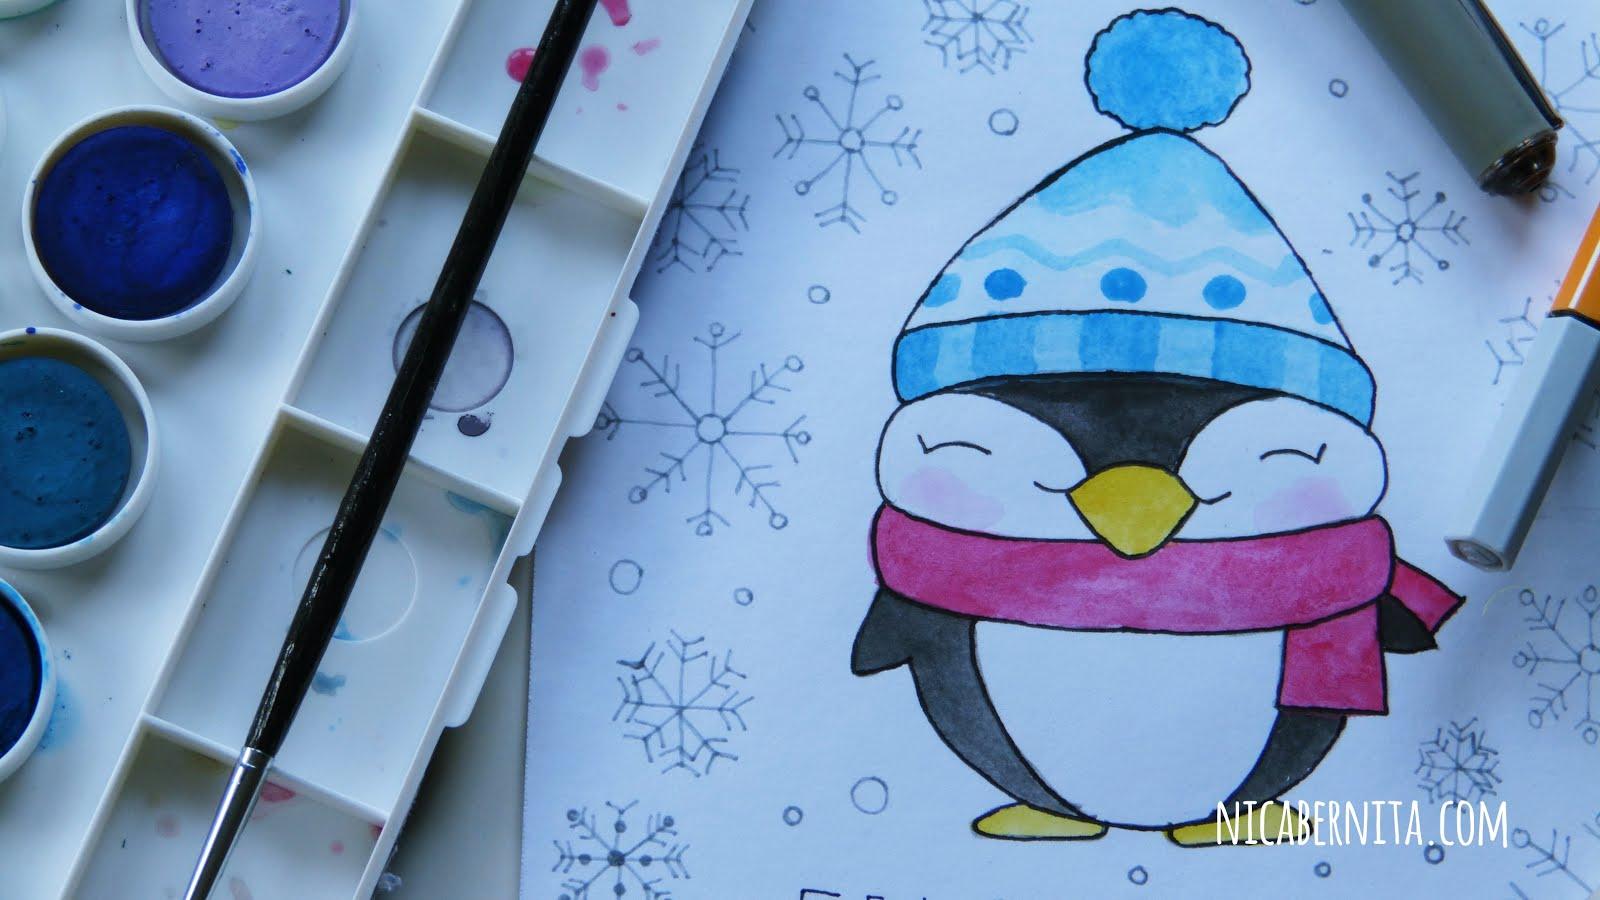 Tarjeta De Navidad Con Dibujo De Invierno Pinguino Kawaii Con